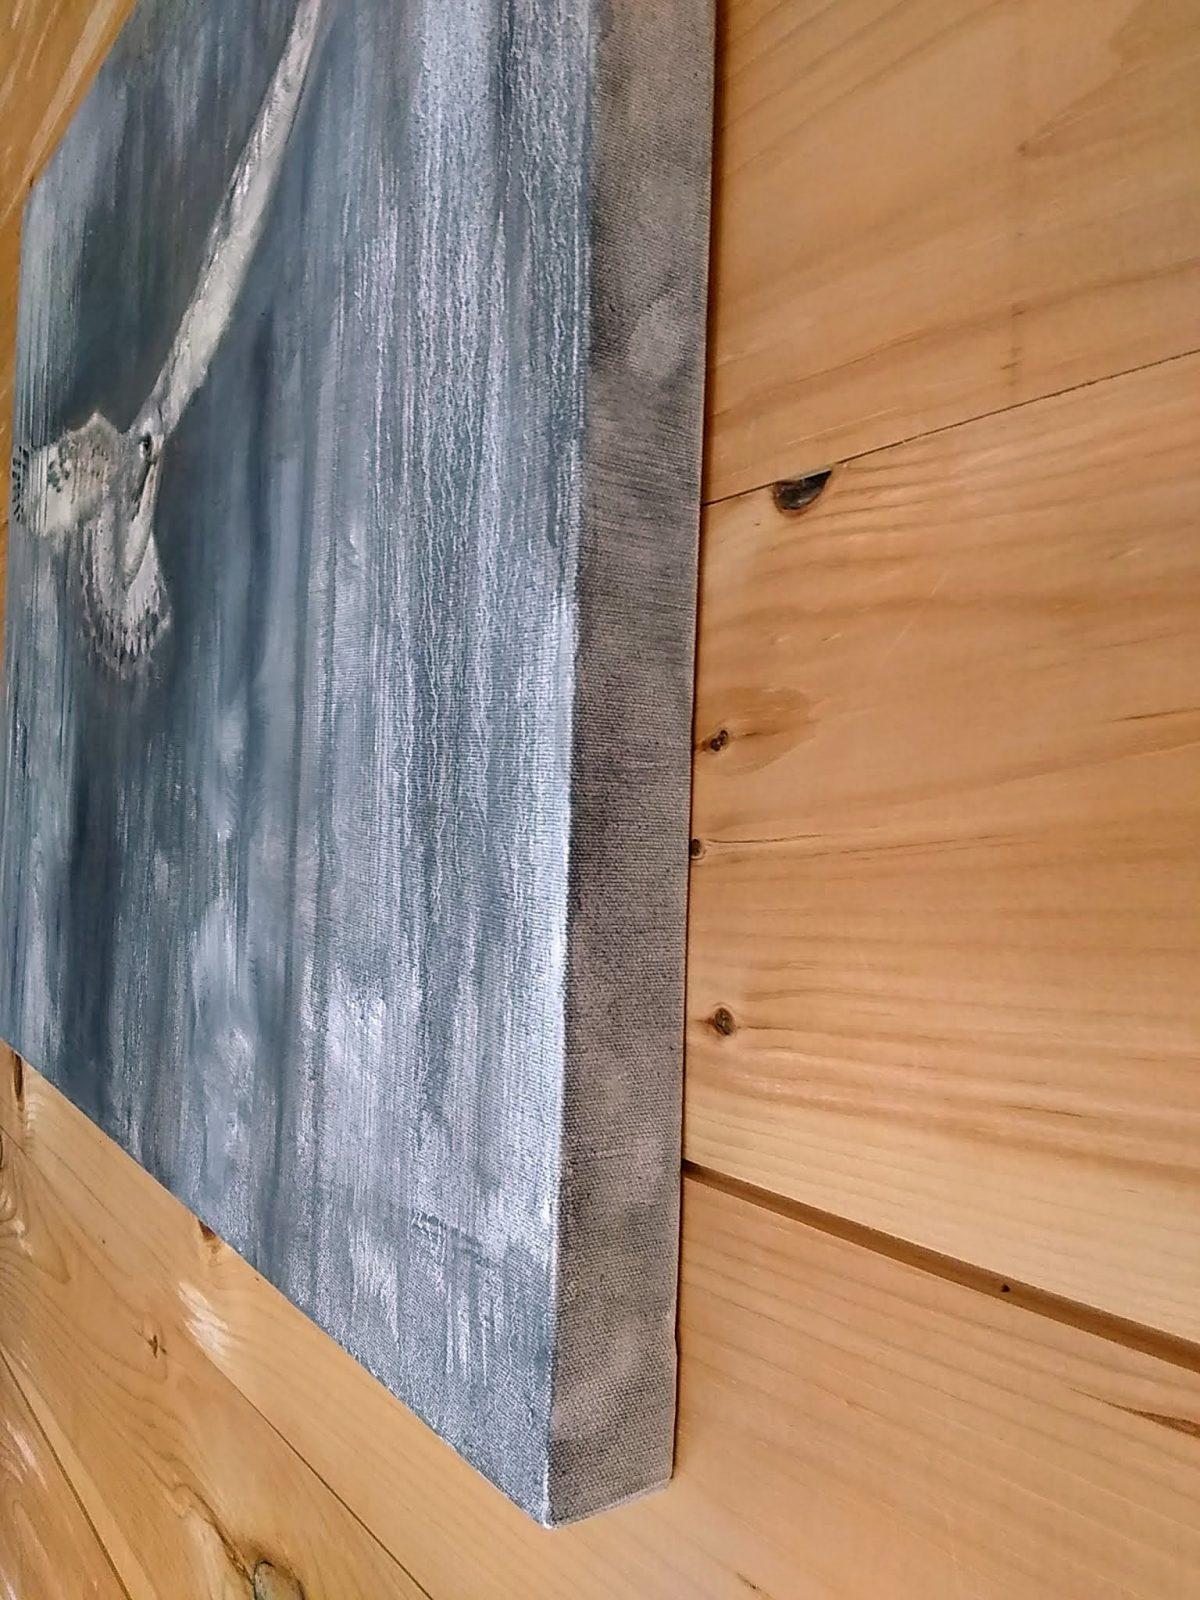 Sneak Detail 6 Oil on Canvas 24x30 Rebecca King Hawkinson